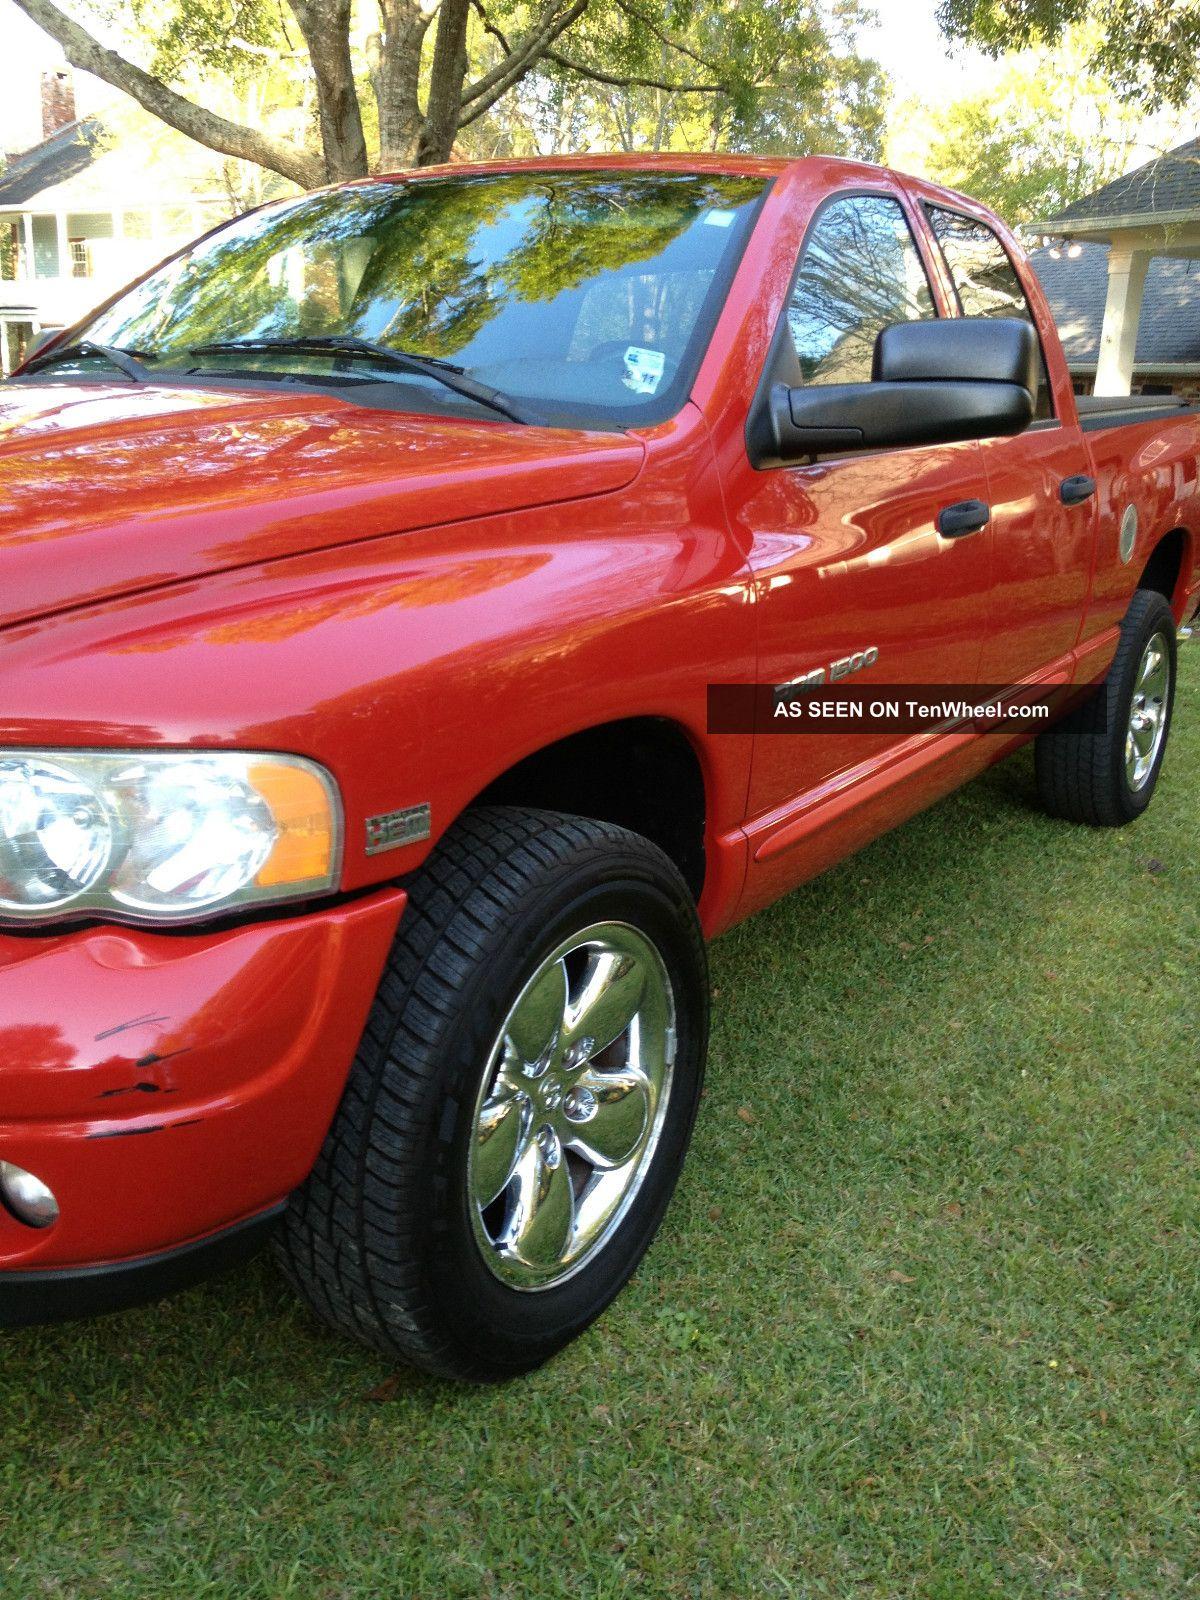 2004 Dodge Ram 1500 Sport Package,  Crew Cab 4 - Door,  V8 Hemi, Ram 1500 photo